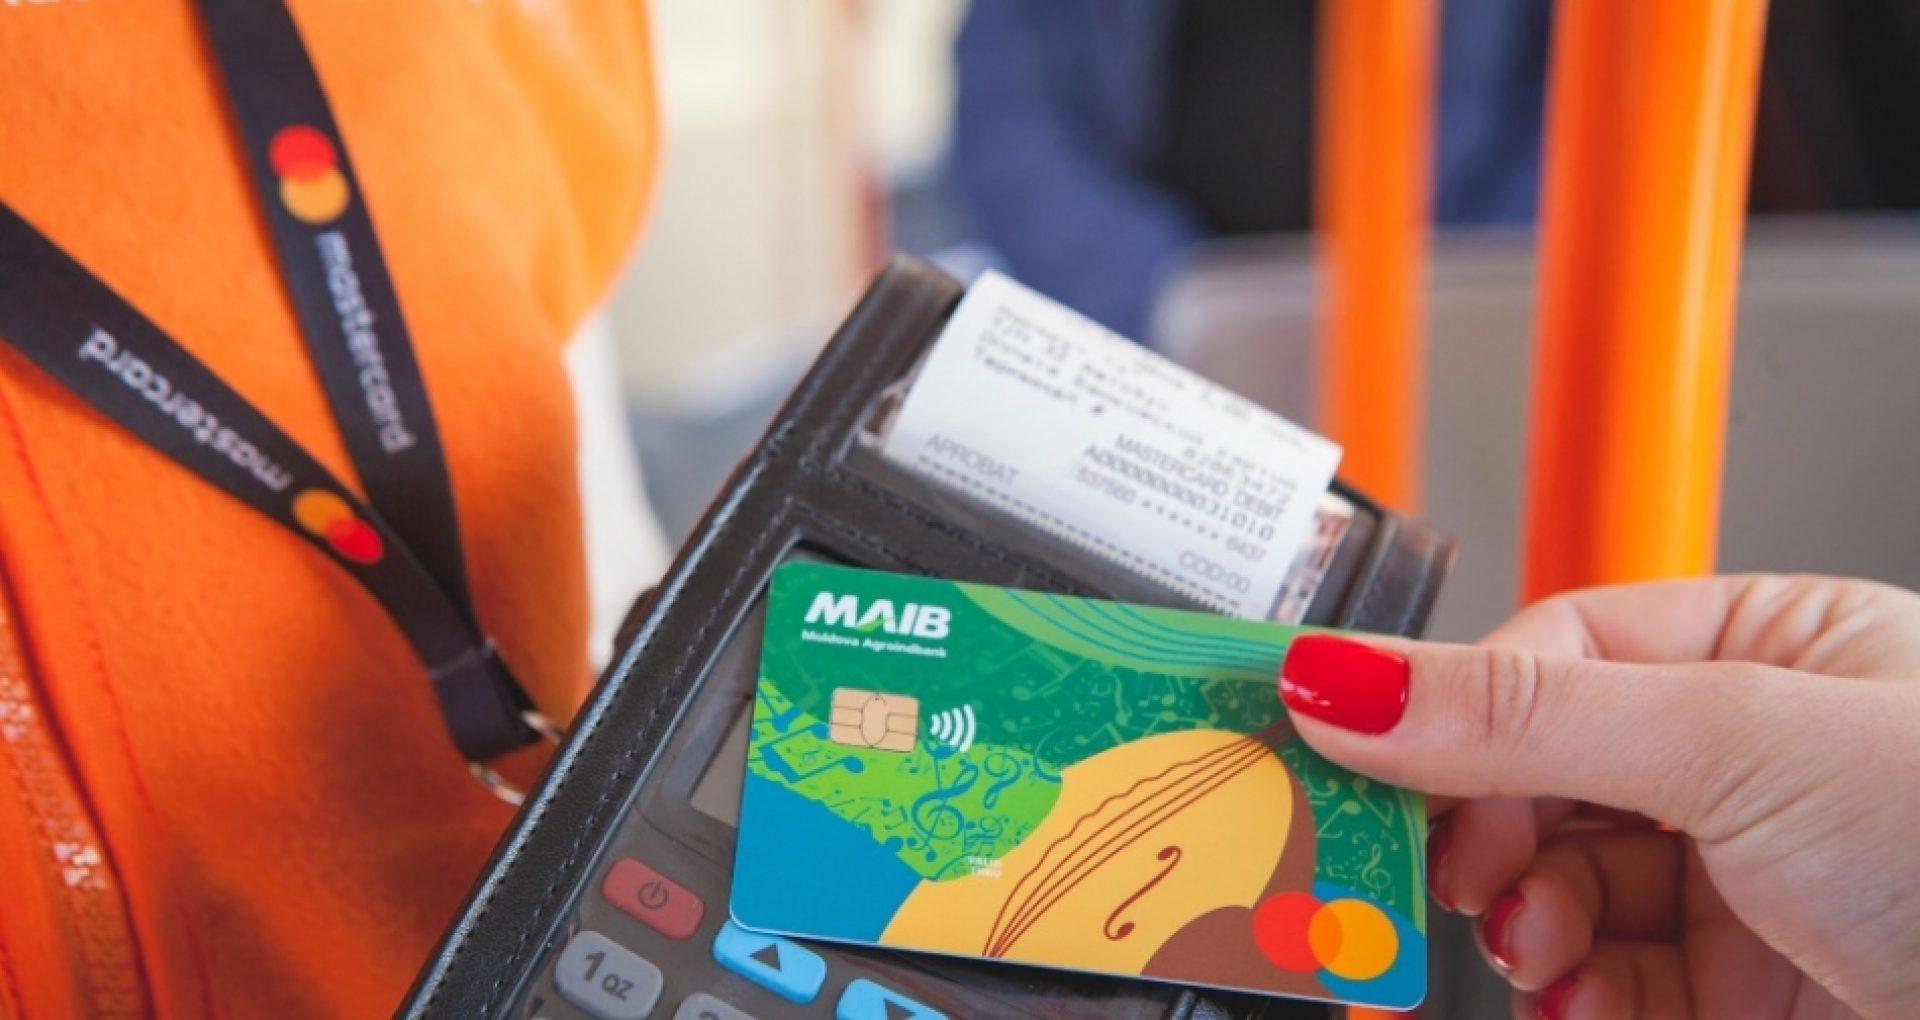 Primăria municipiului Chișinău începe implementarea plăților electronice în transportul public din capitală